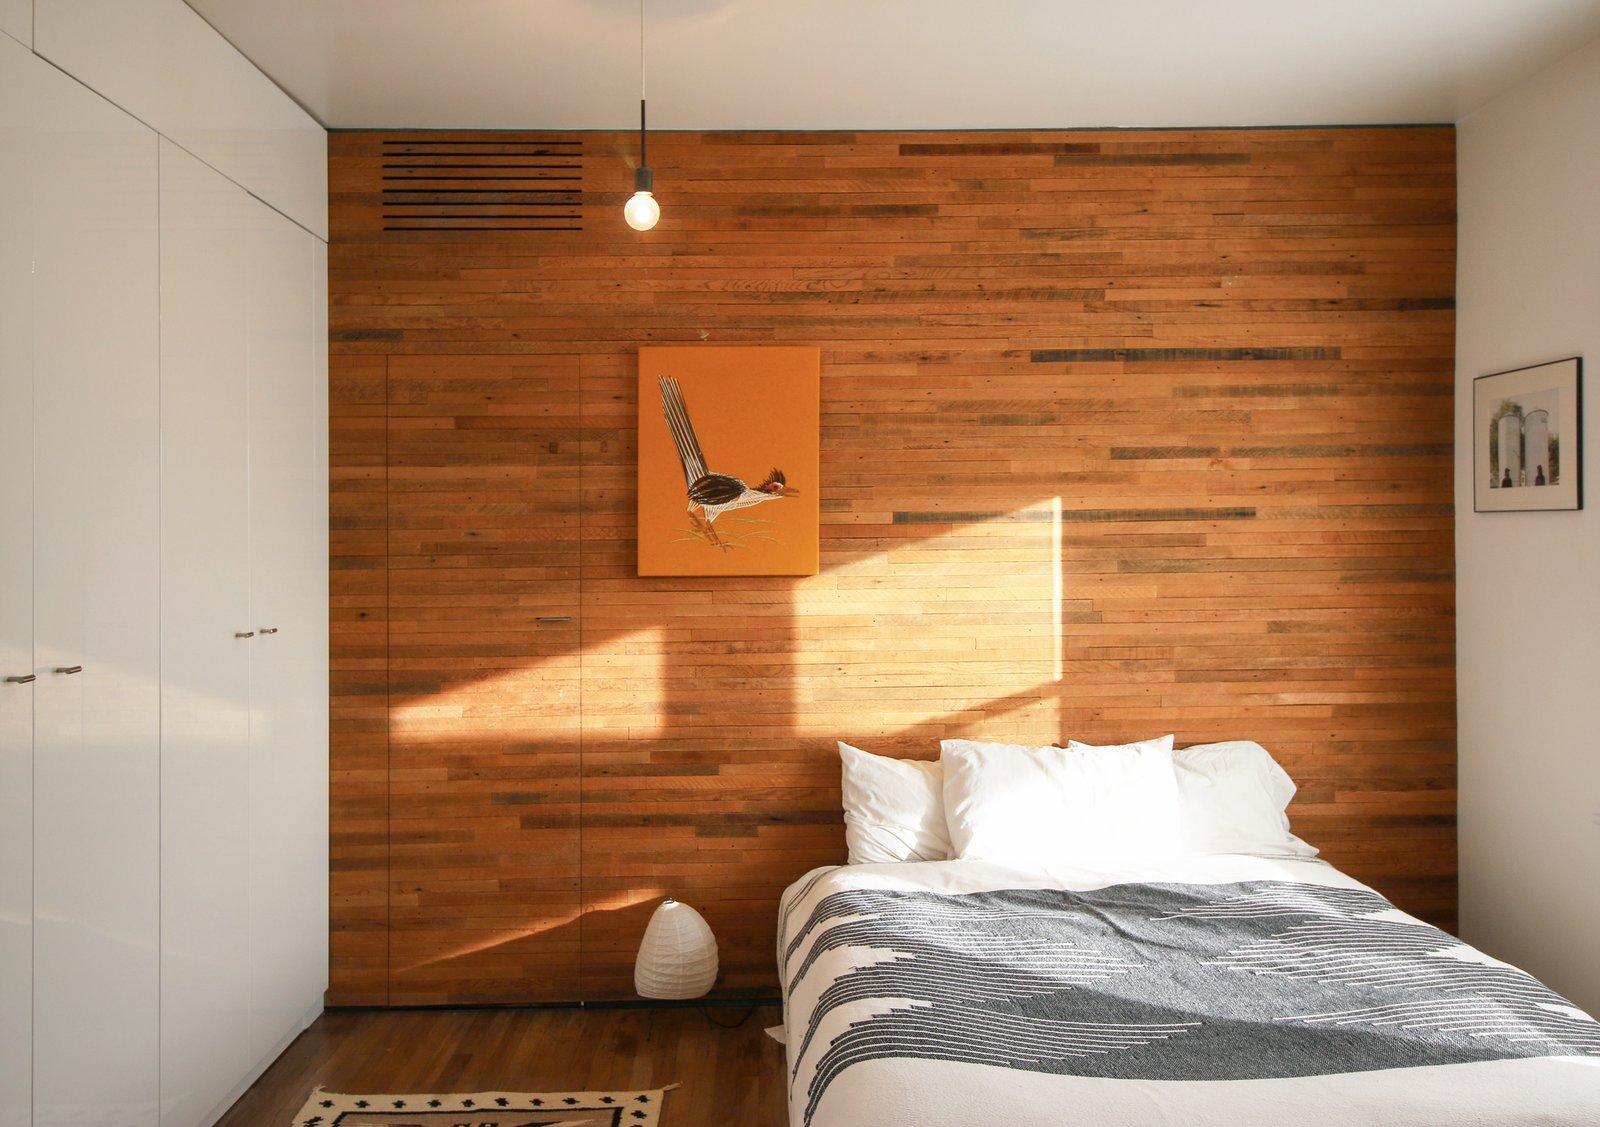 Mabel Street Residence by Hazelbaker Rush bedroom